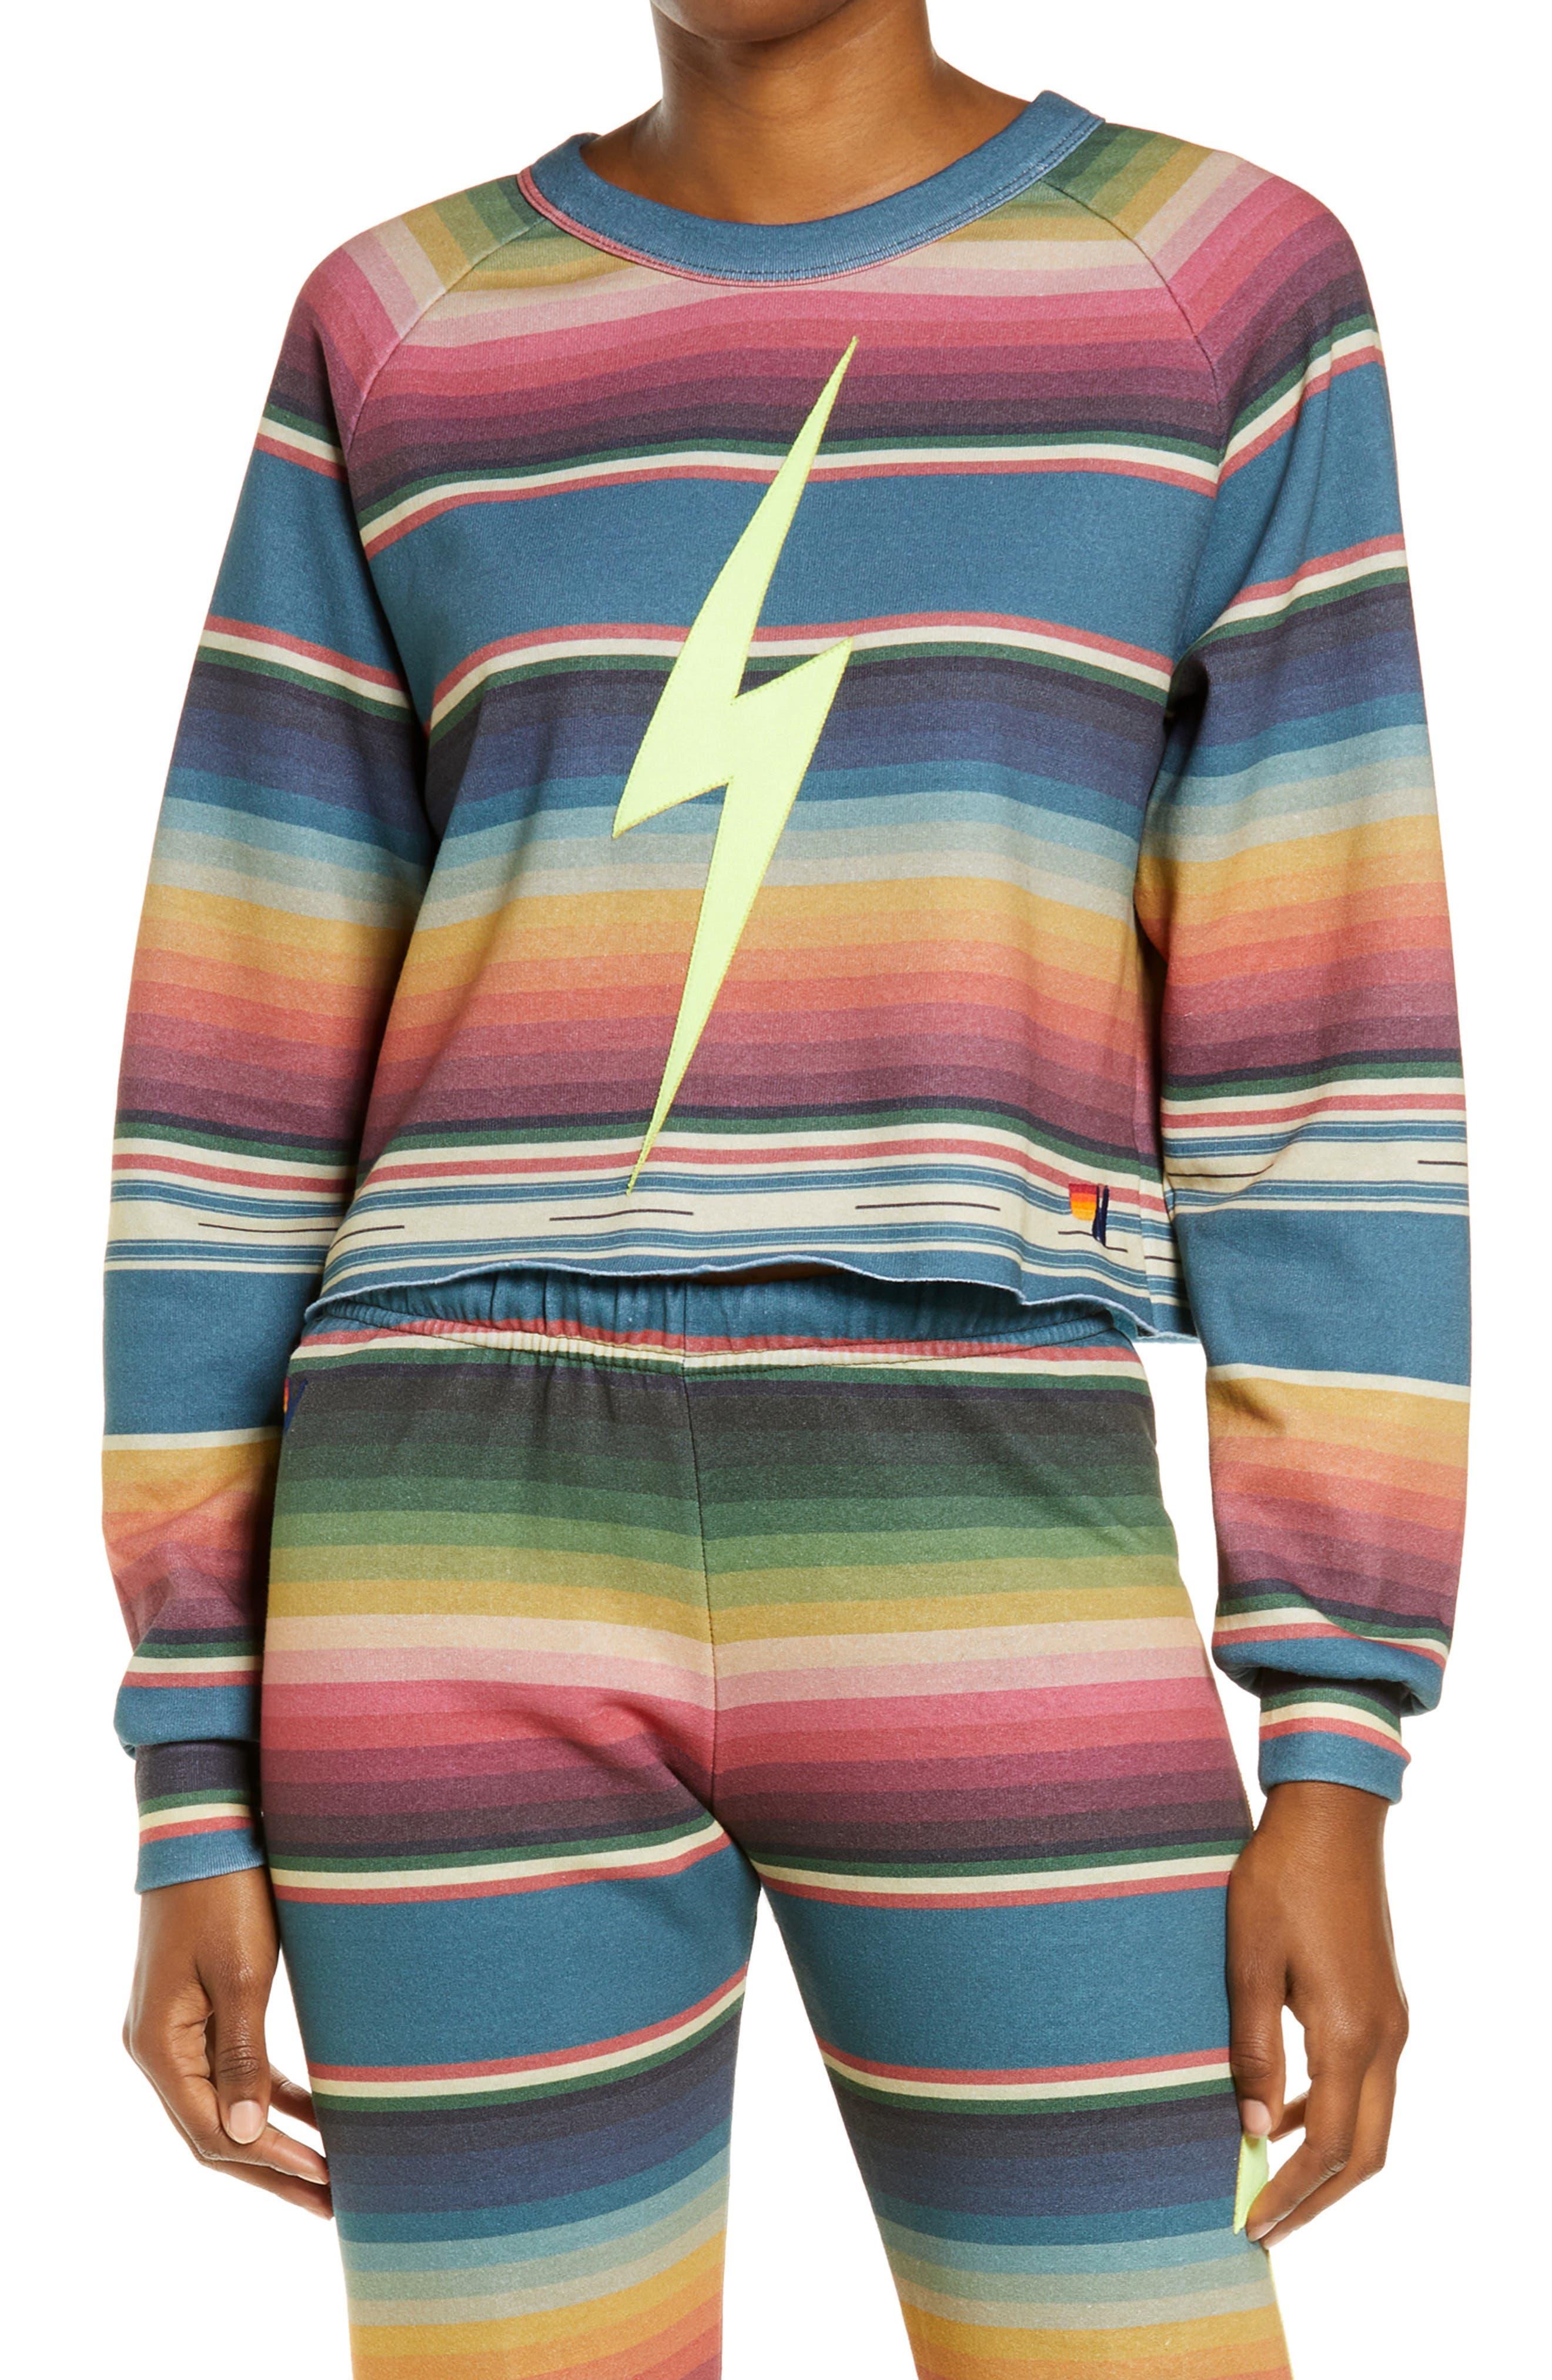 Women's Serape Bolt Stitch Crop Sweatshirt